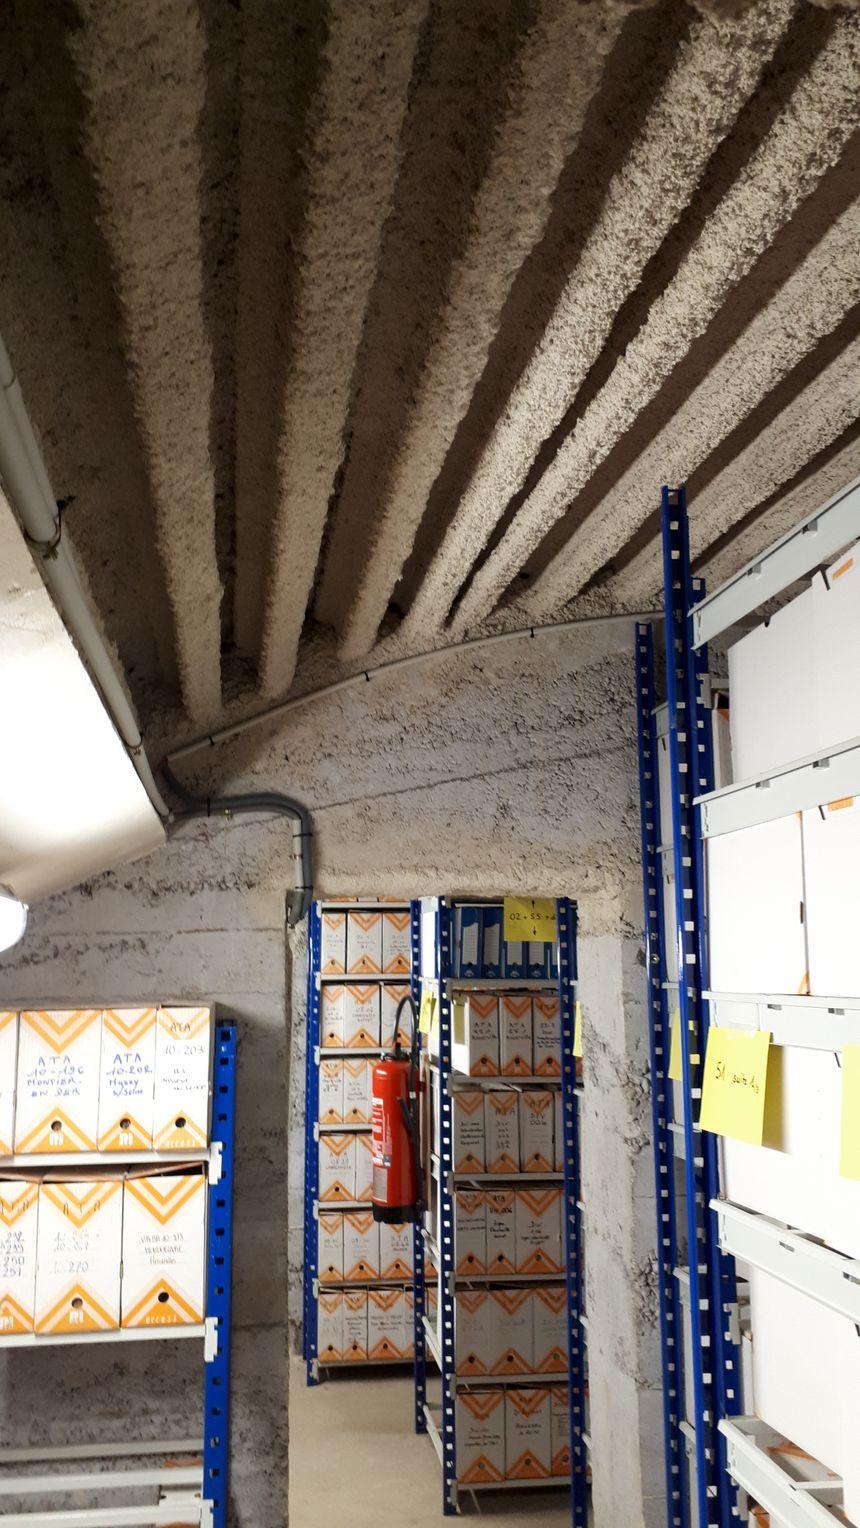 On distingue au plafond les coupons de rail recouverts d'une couche d'un produit de protection incendie